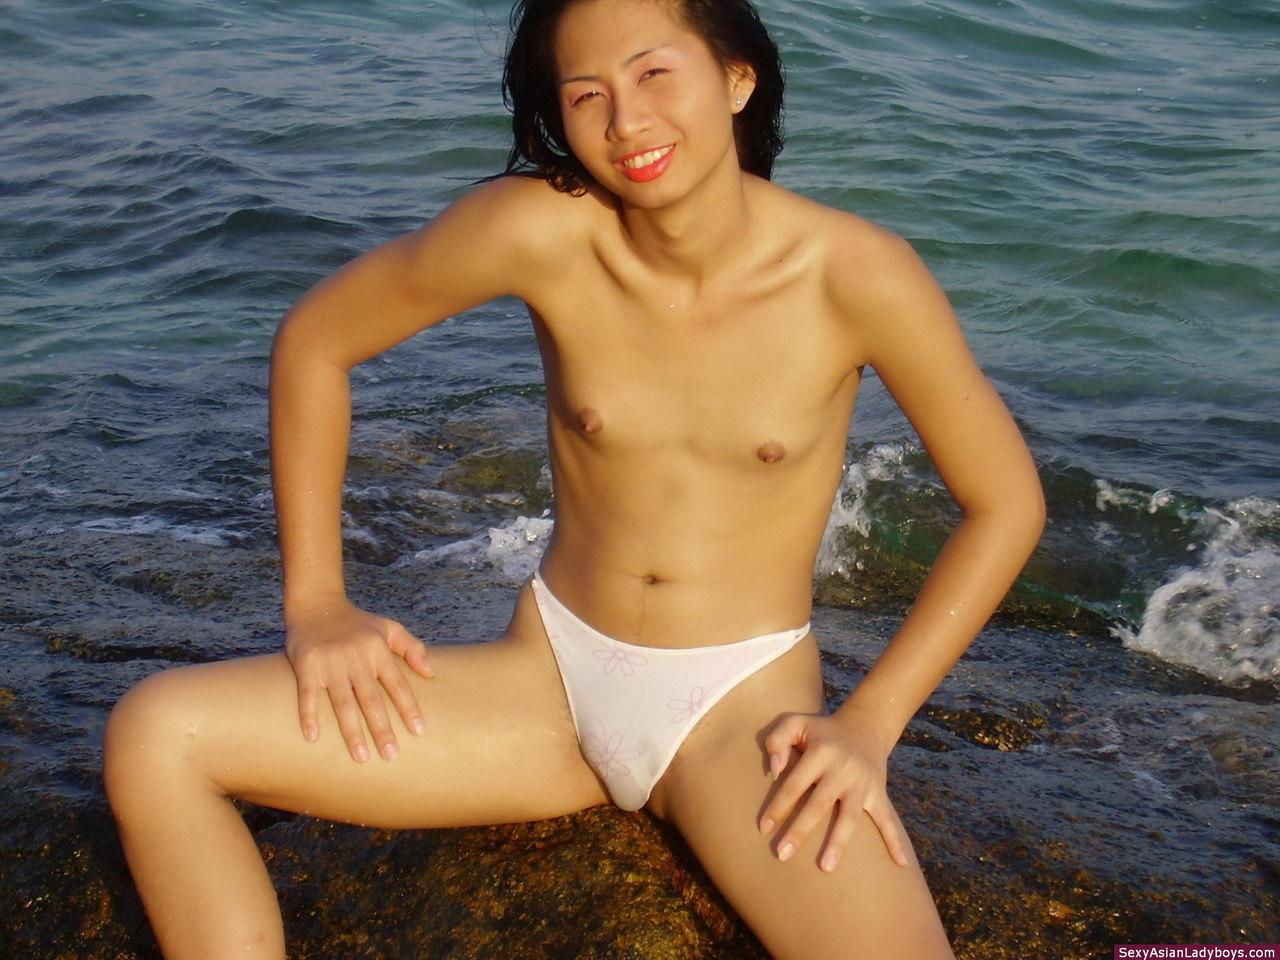 sexyasianladyboys southeast asian shemale hot petite ladyboy stripping